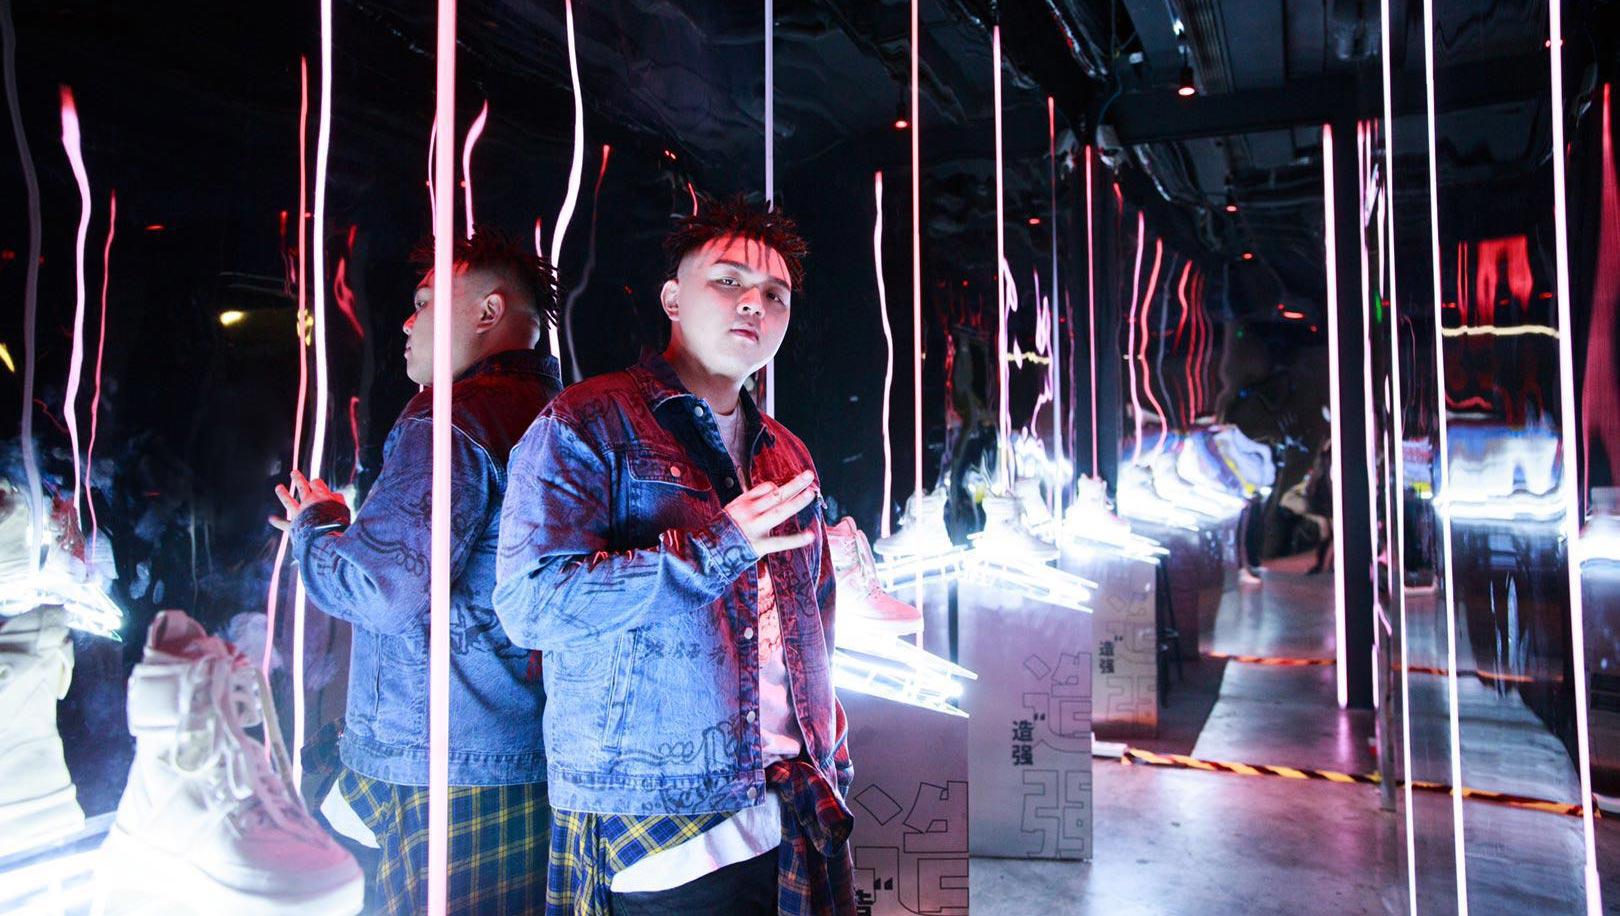 唱作歌手艾福杰尼受邀出席上海时装周